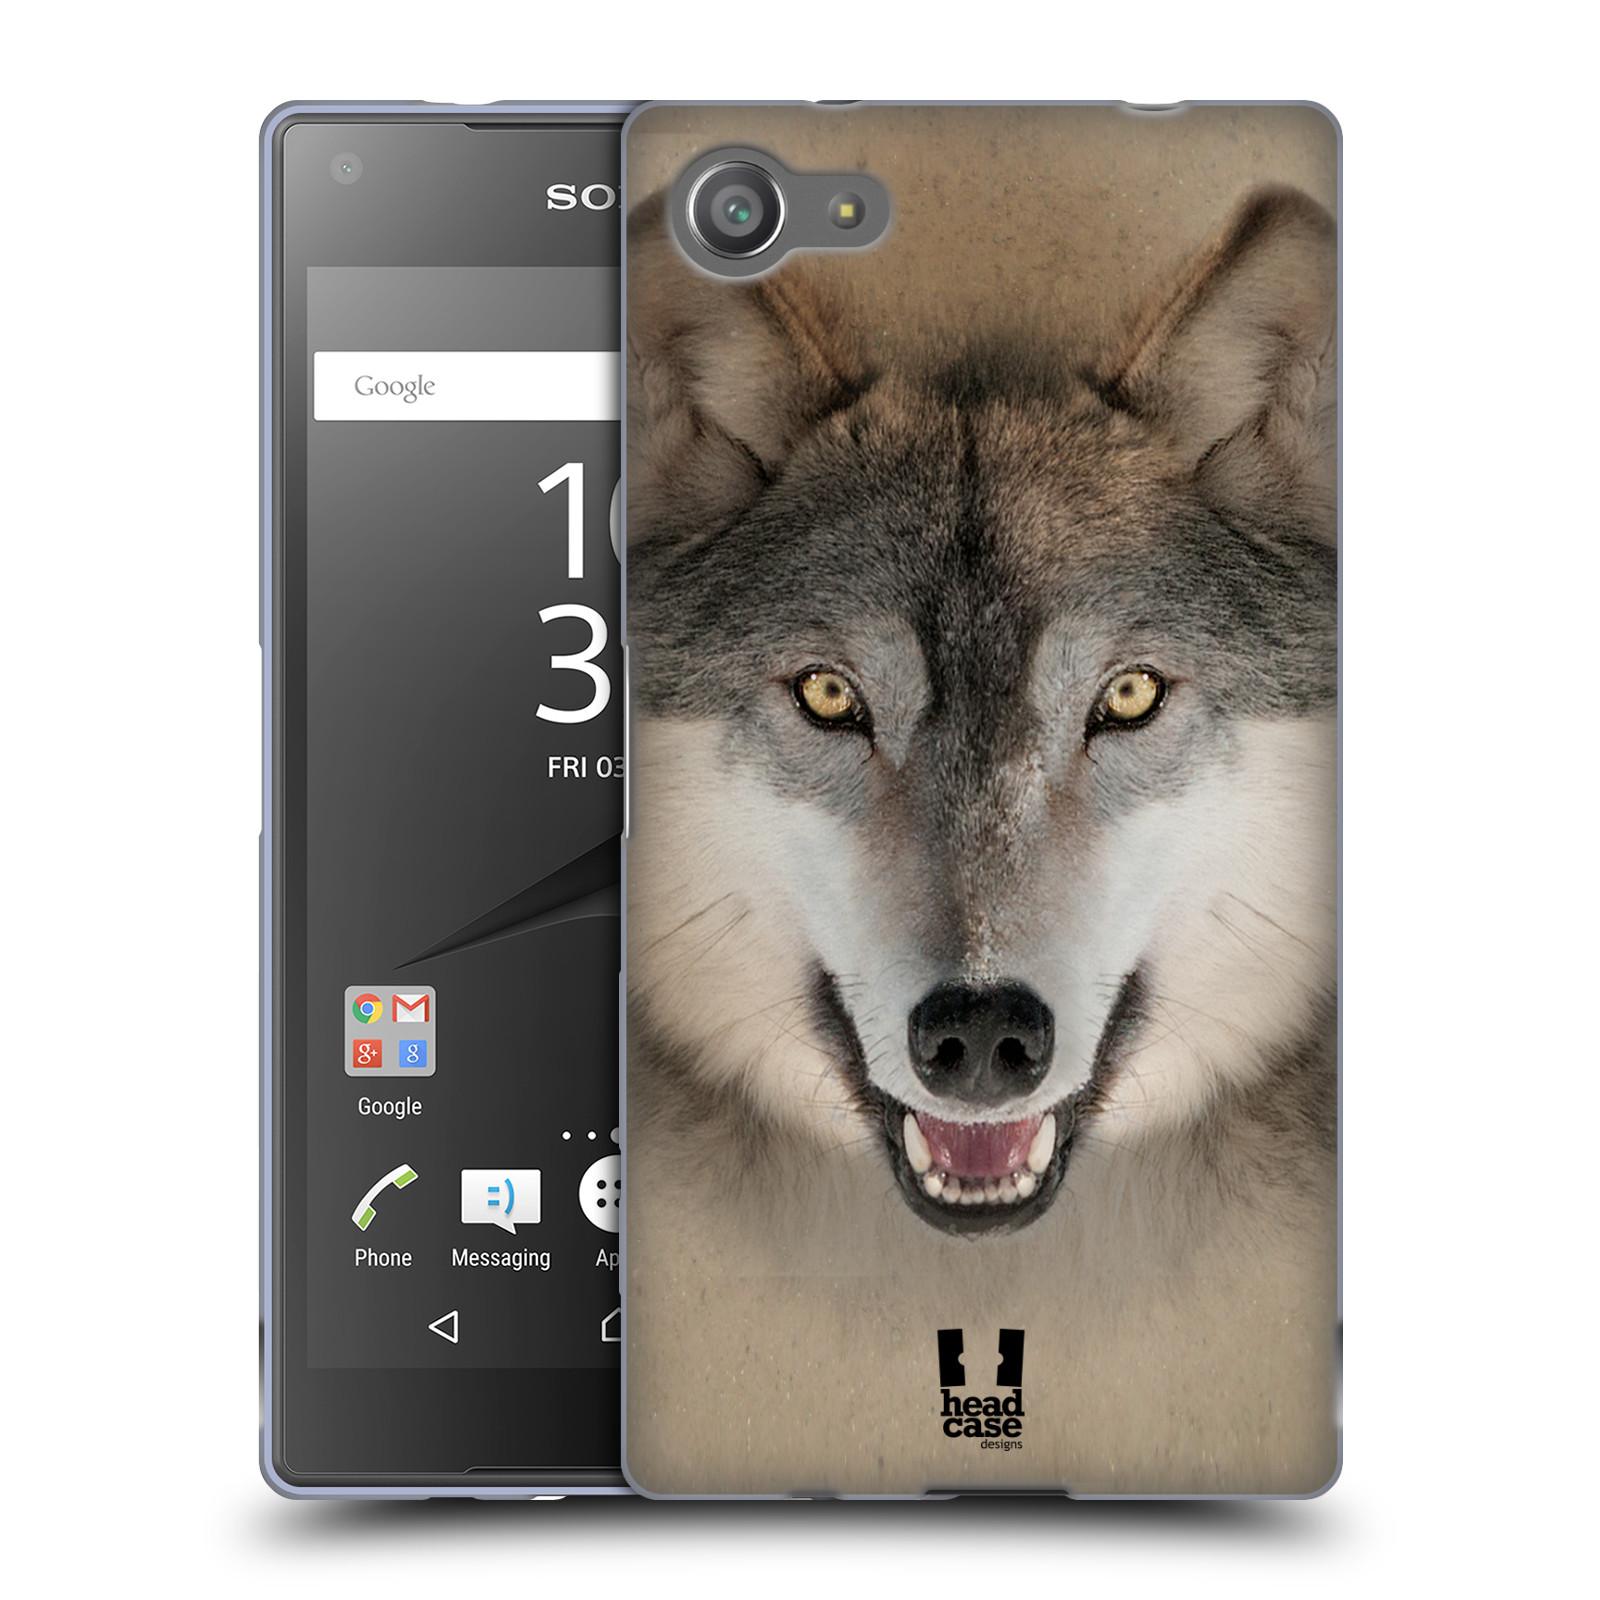 HEAD CASE silikonový obal na mobil Sony Xperia Z5 COMPACT vzor Zvířecí tváře 2 vlk šedý